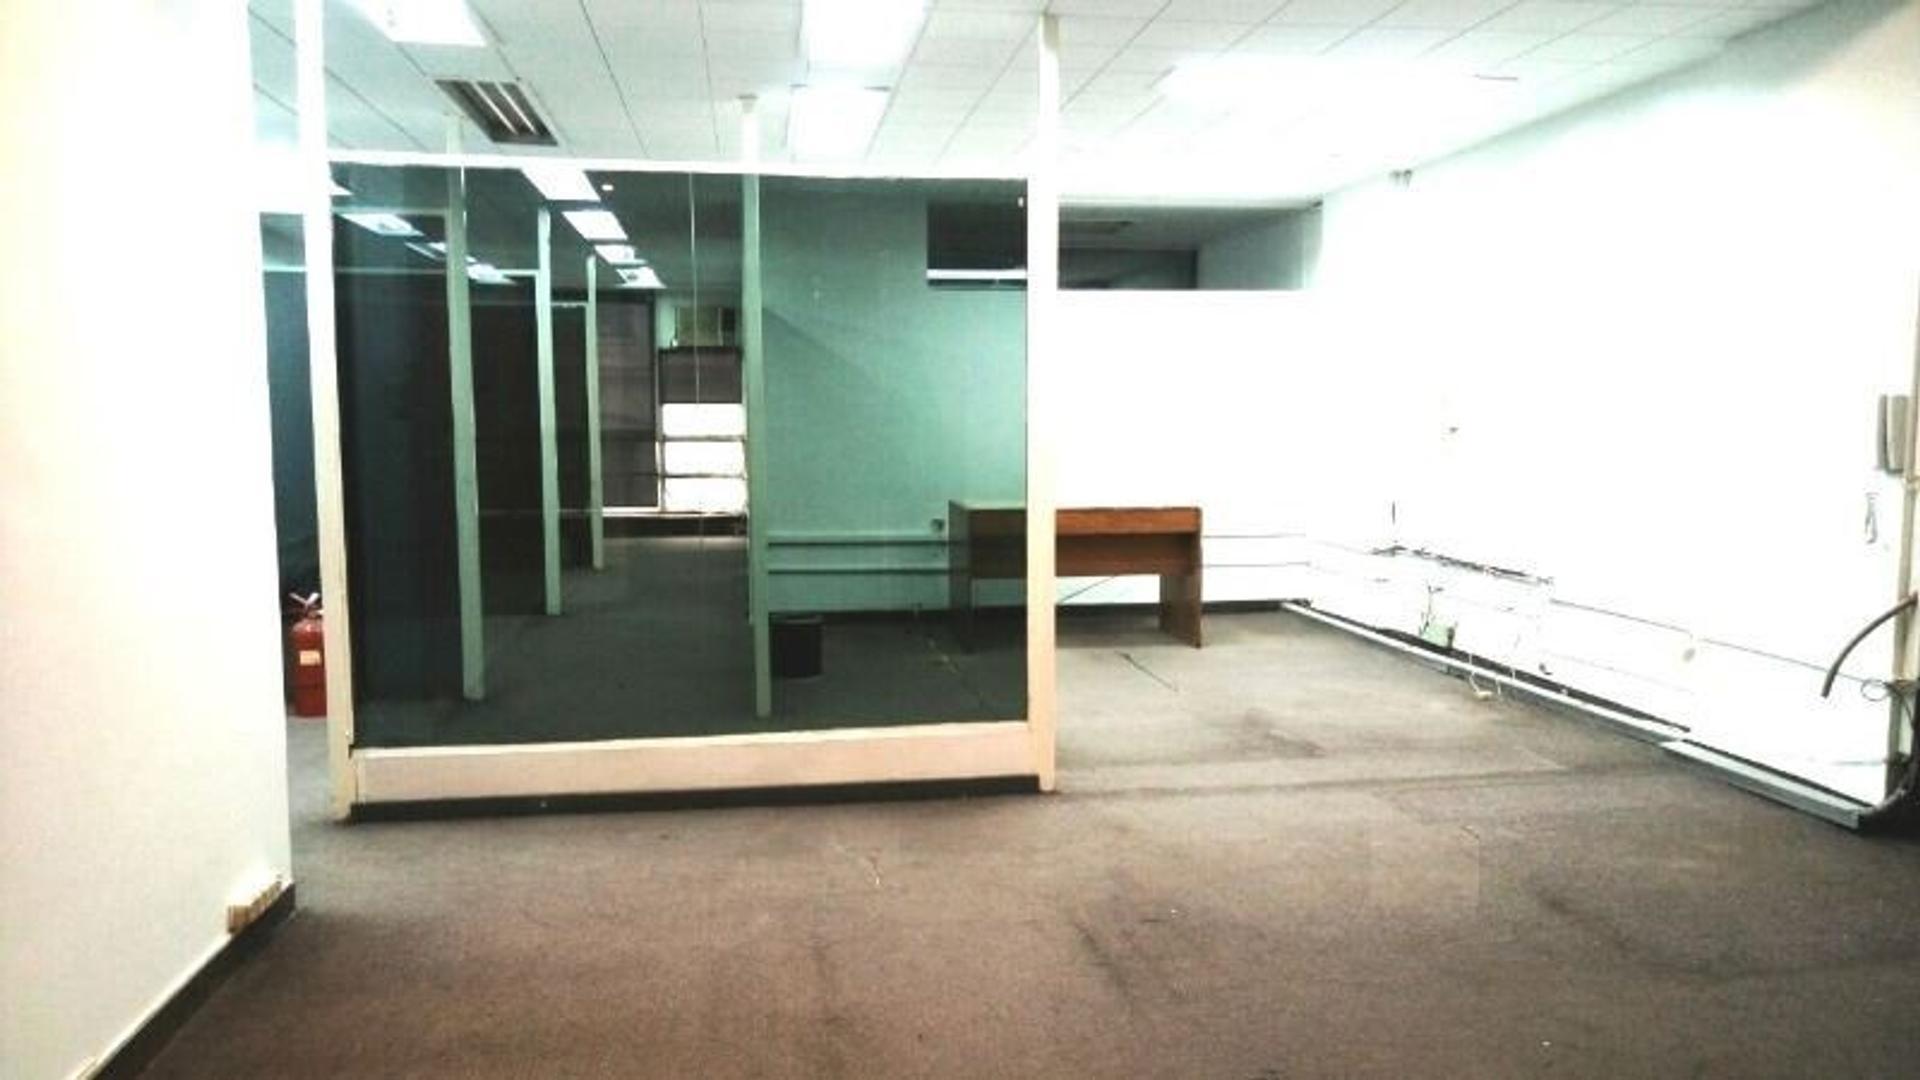 Amplia Oficina 87mts  al fte con 7 despachos.  Tucumán 900 y Av. Carlos Pellegrini Apto Crédito